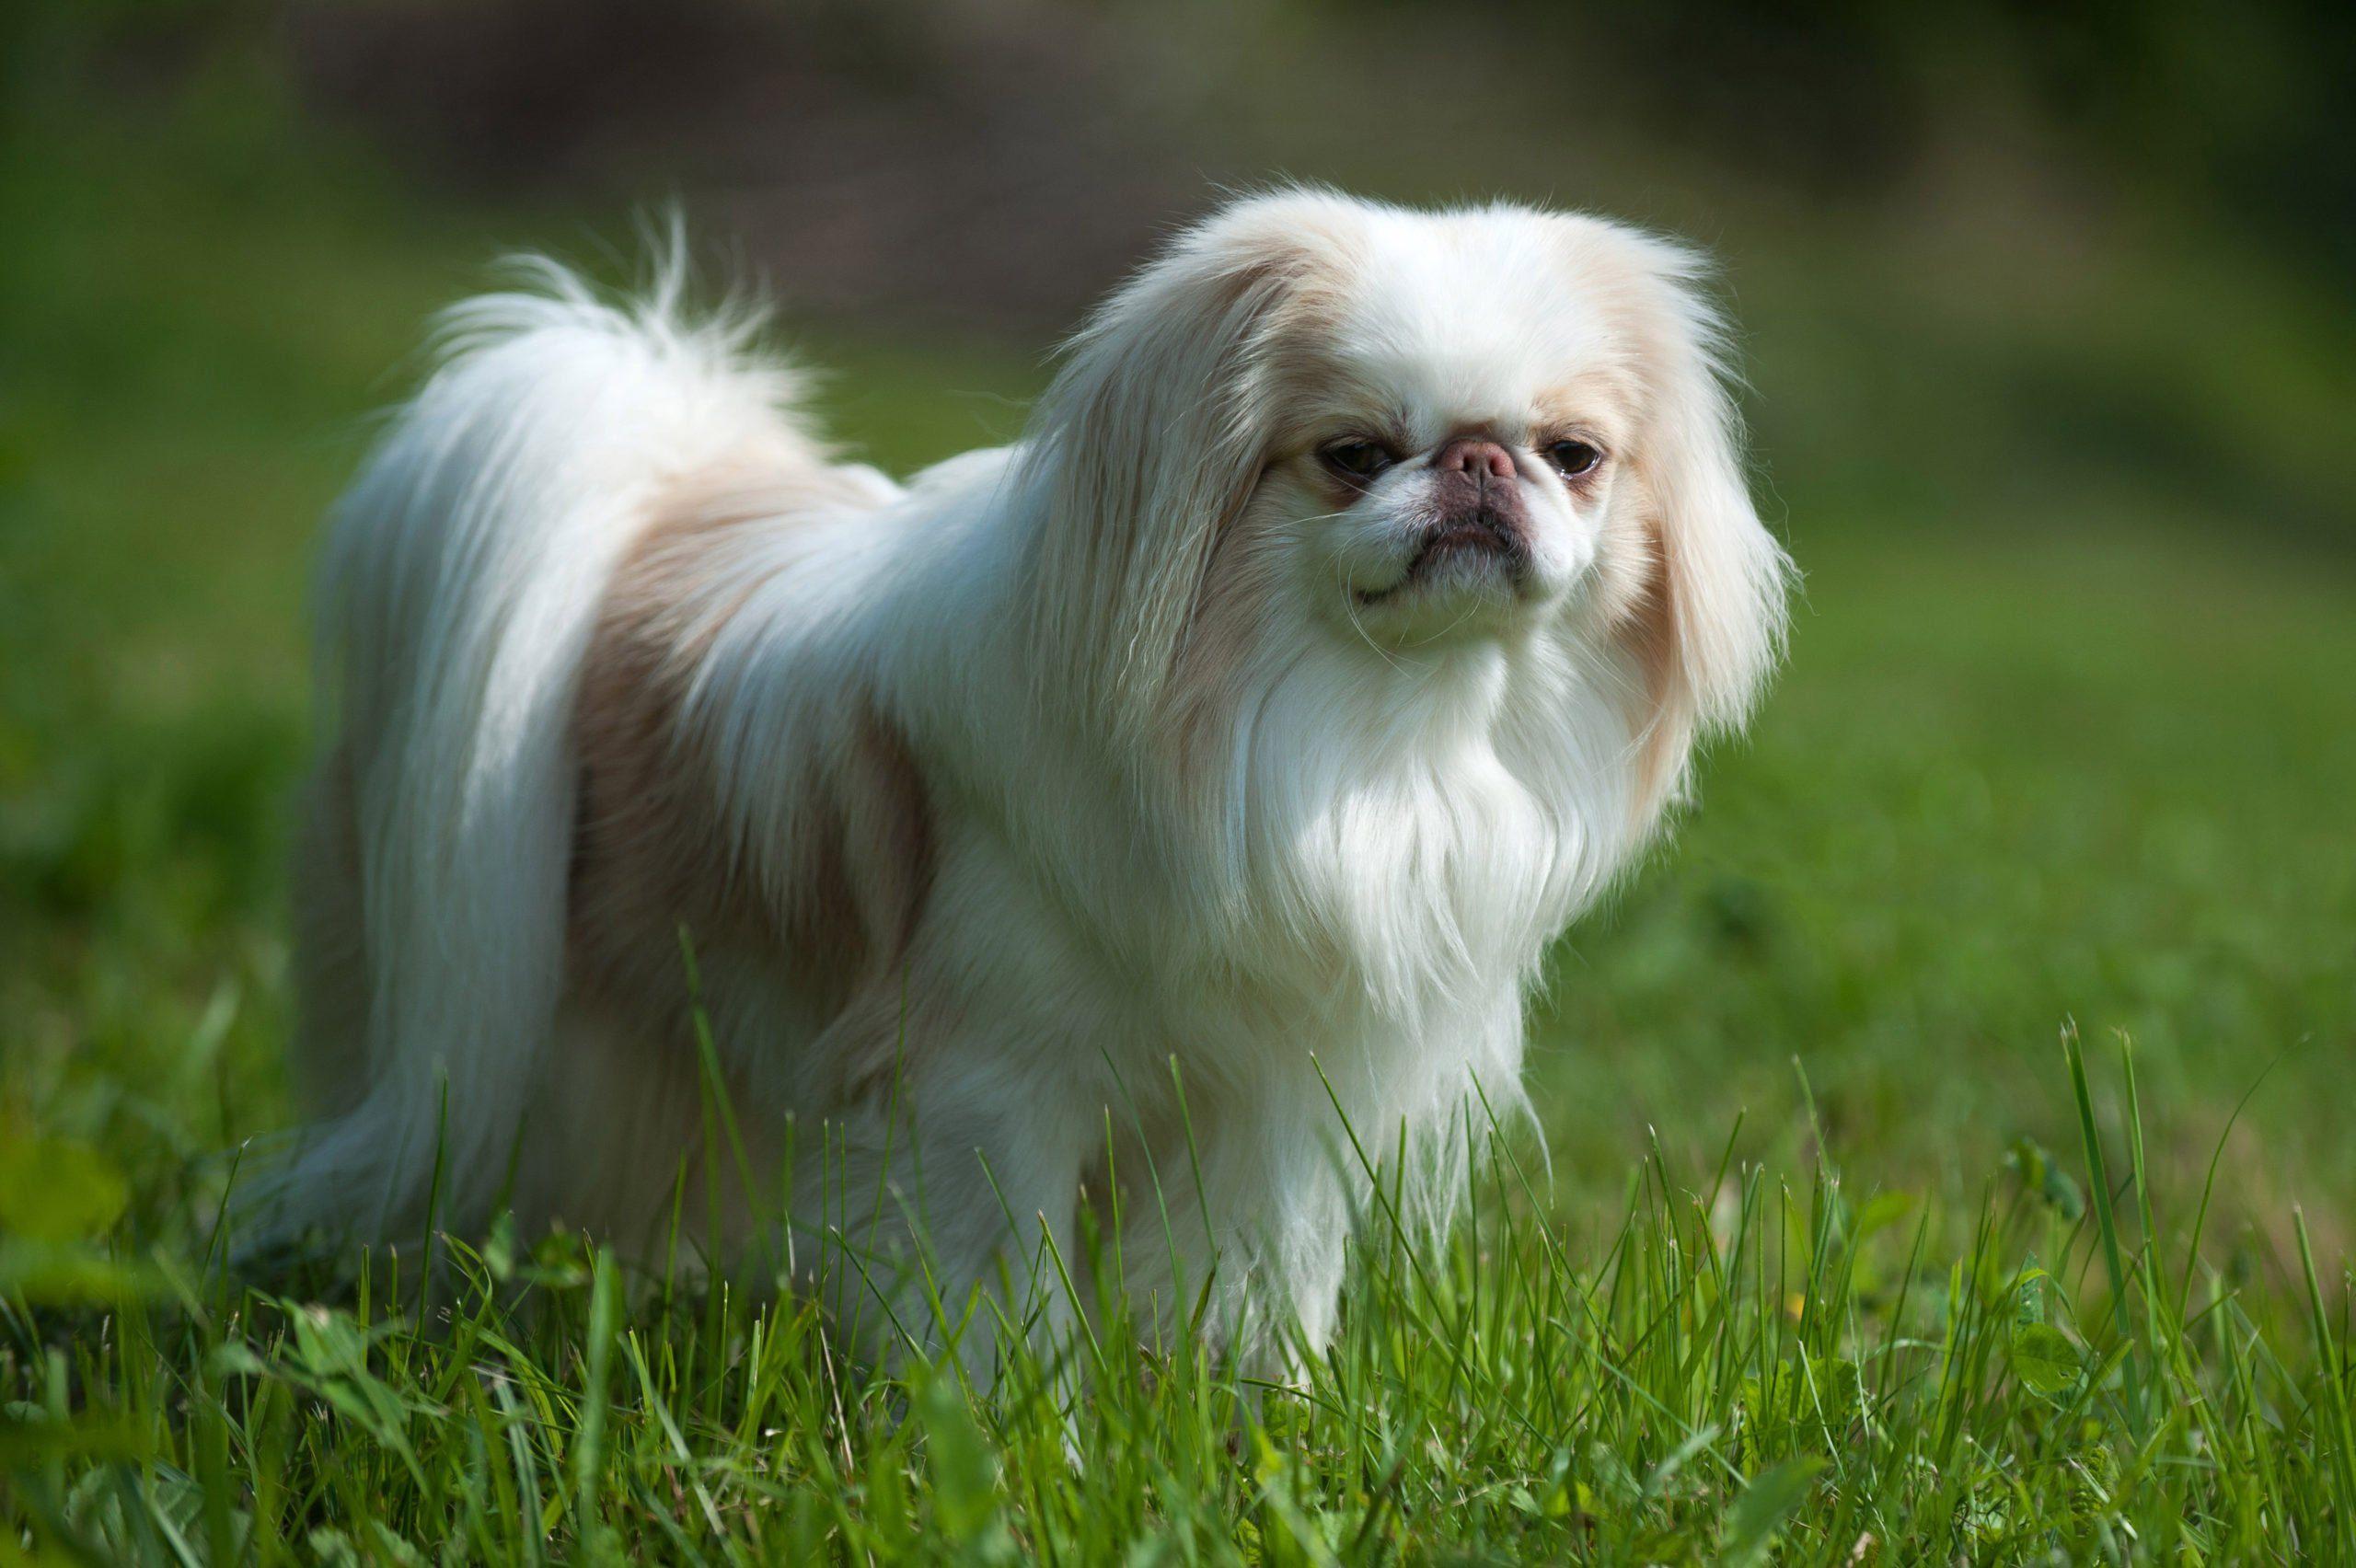 Lazy dog breeds - Japanese Chin